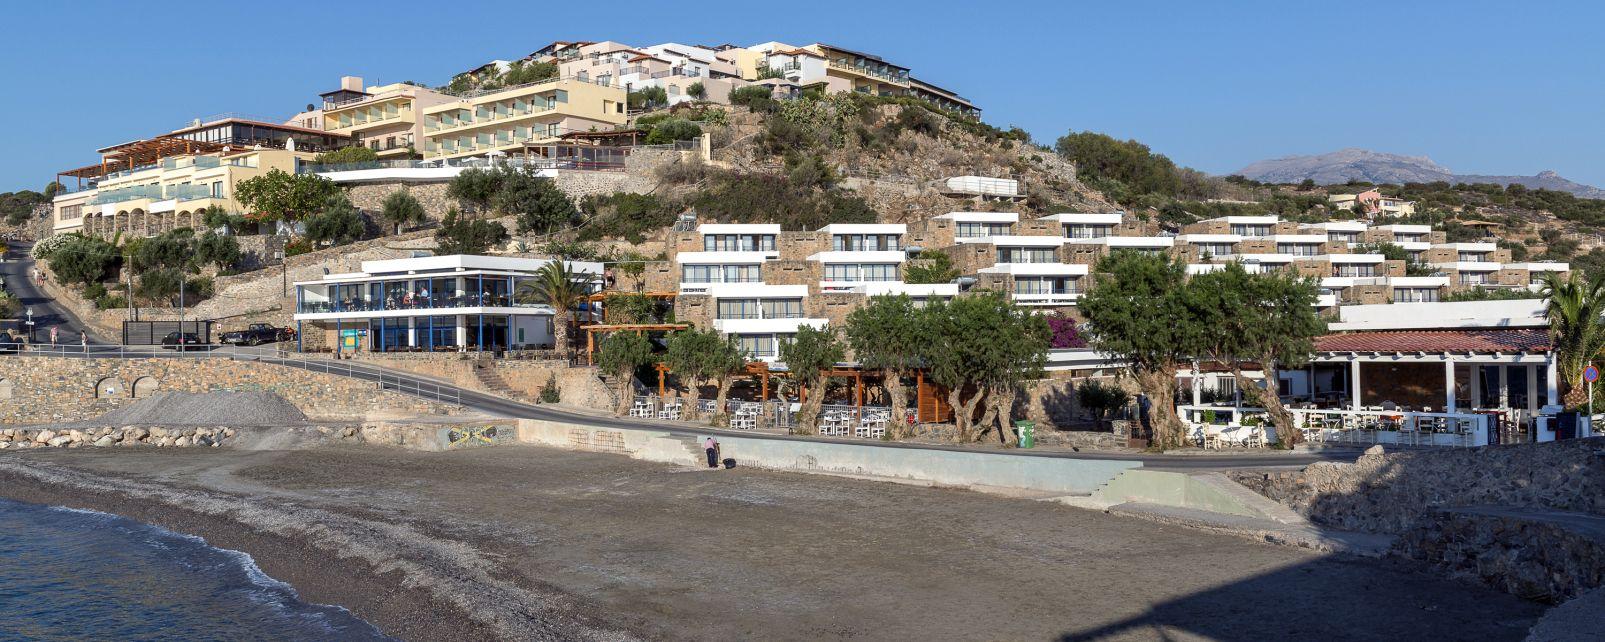 Club Marmara Ariadne Beach